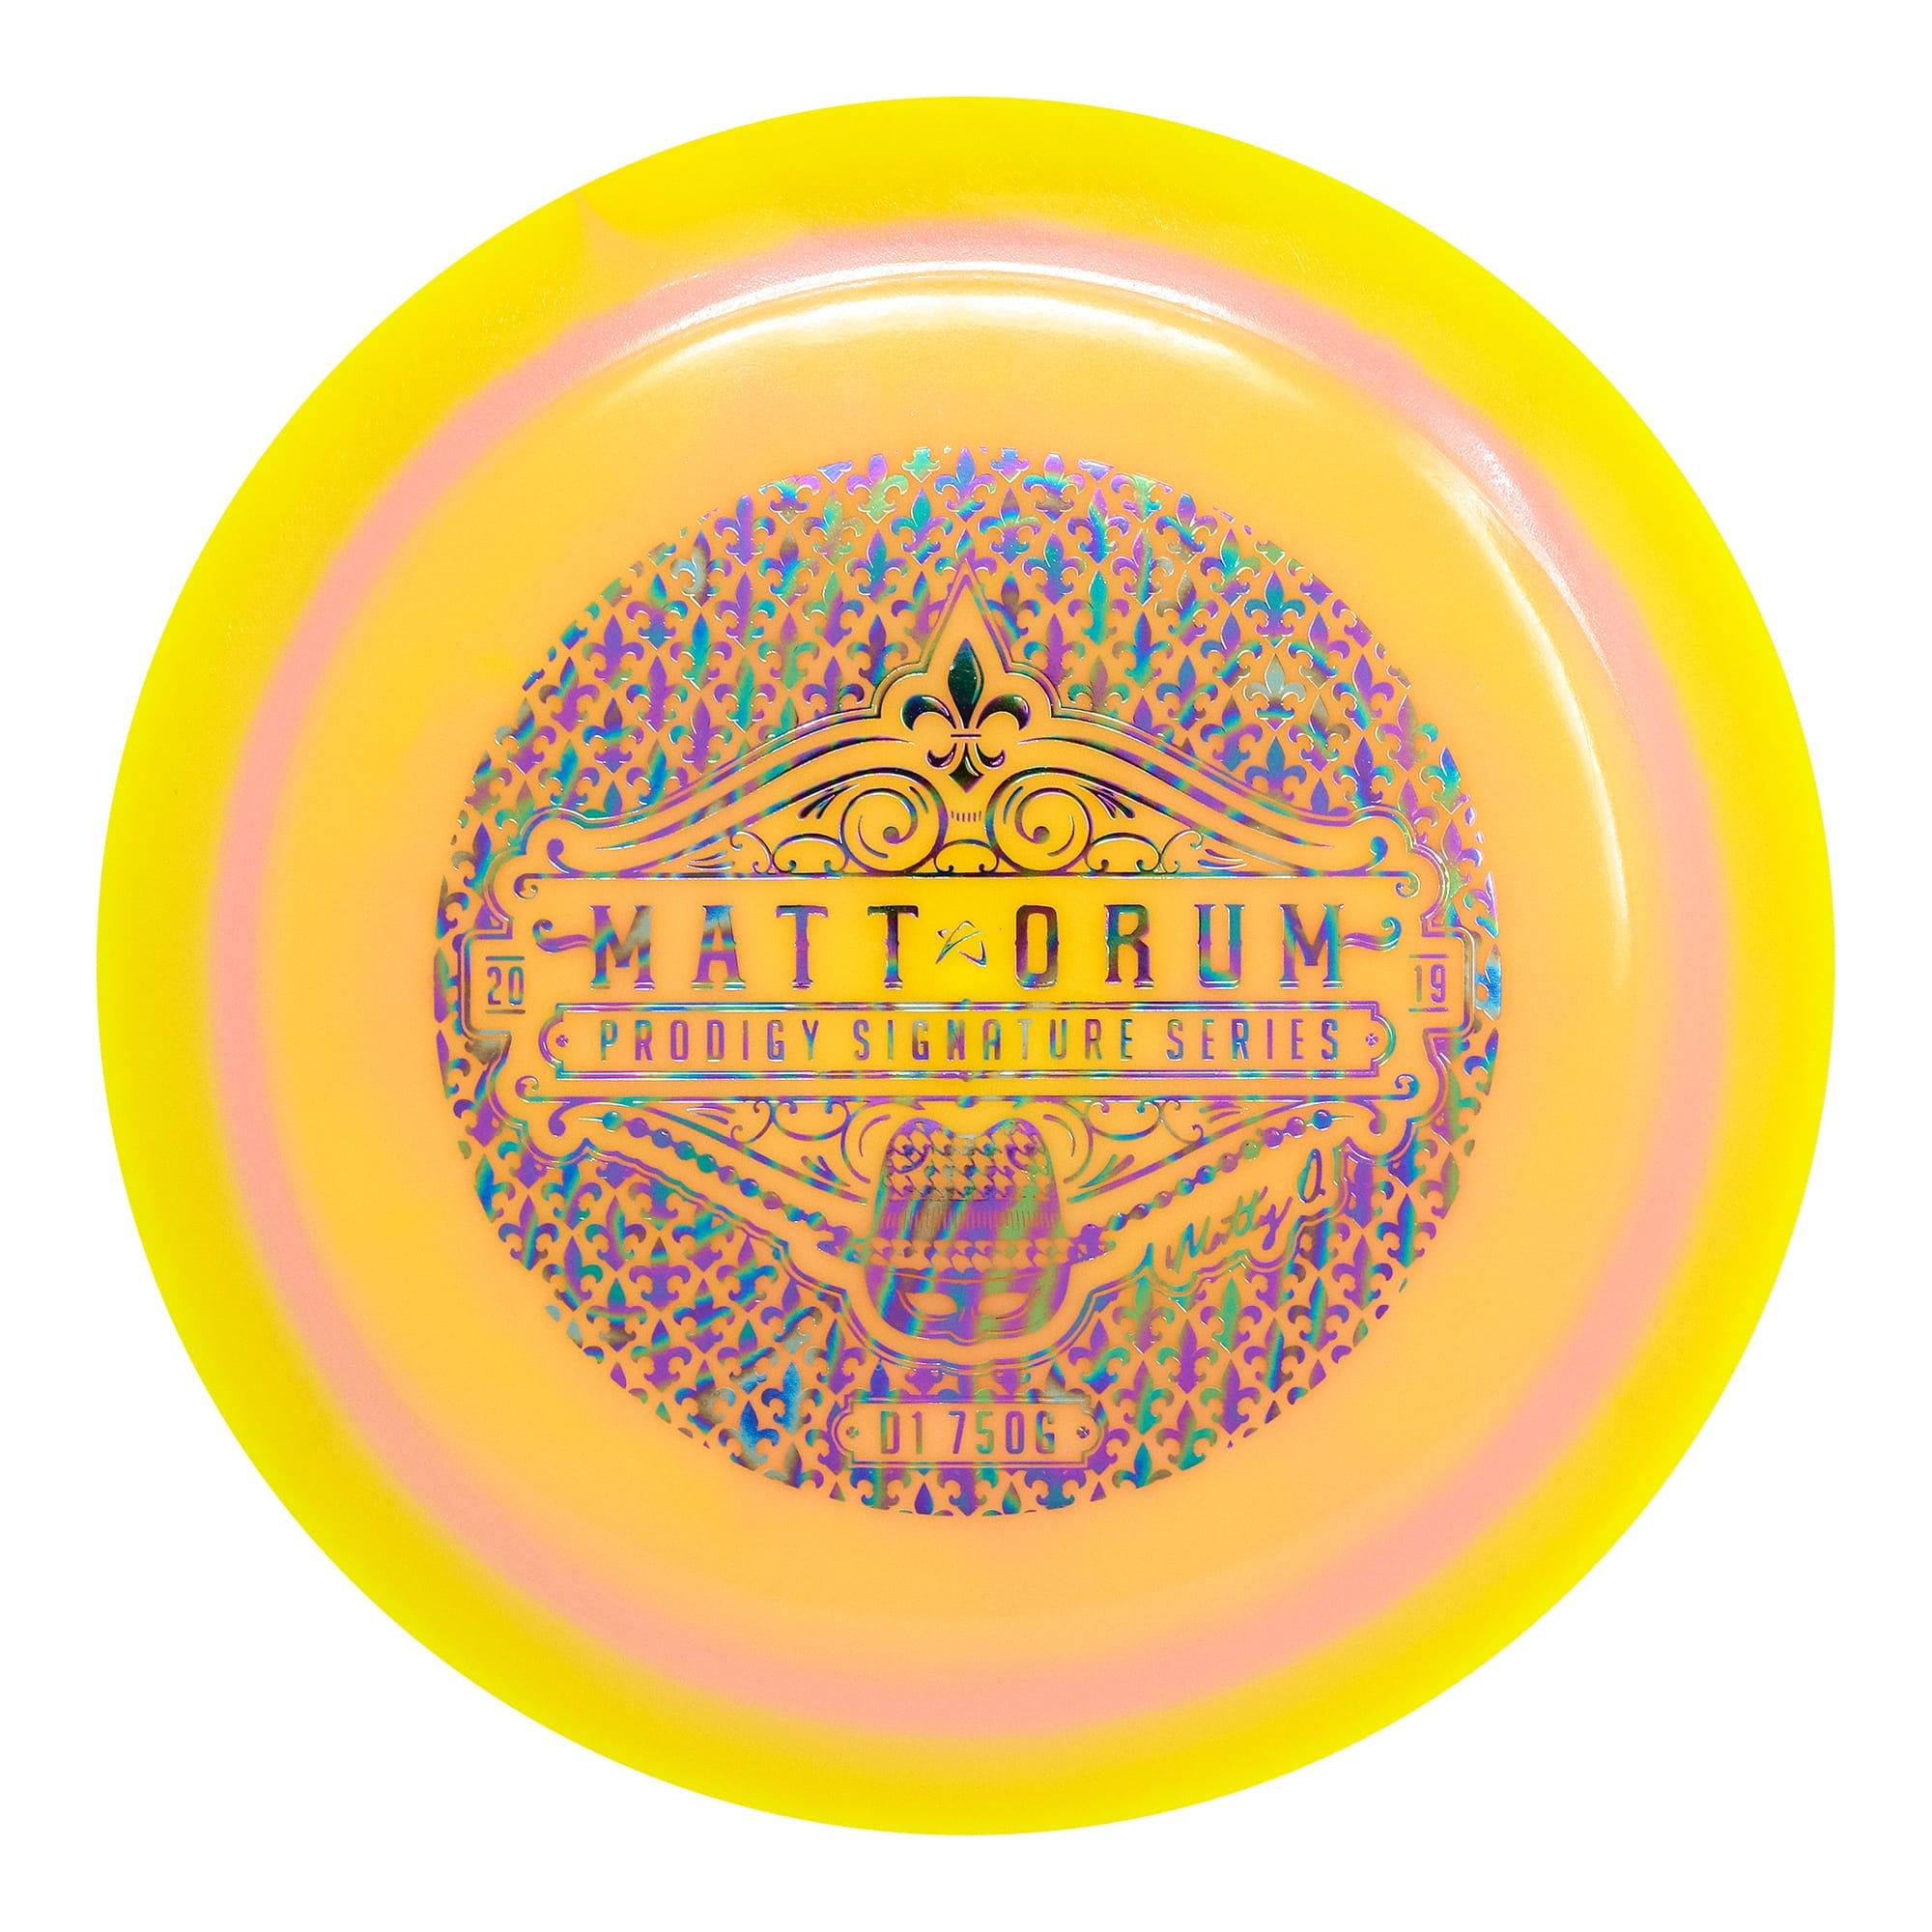 Matt_Orum_Special_Edition_Signature_Series_D1_750G_Thumbnailsprodigy-D1-750g-matt-orum-se-sig-yellow-pink_OPT.jpg